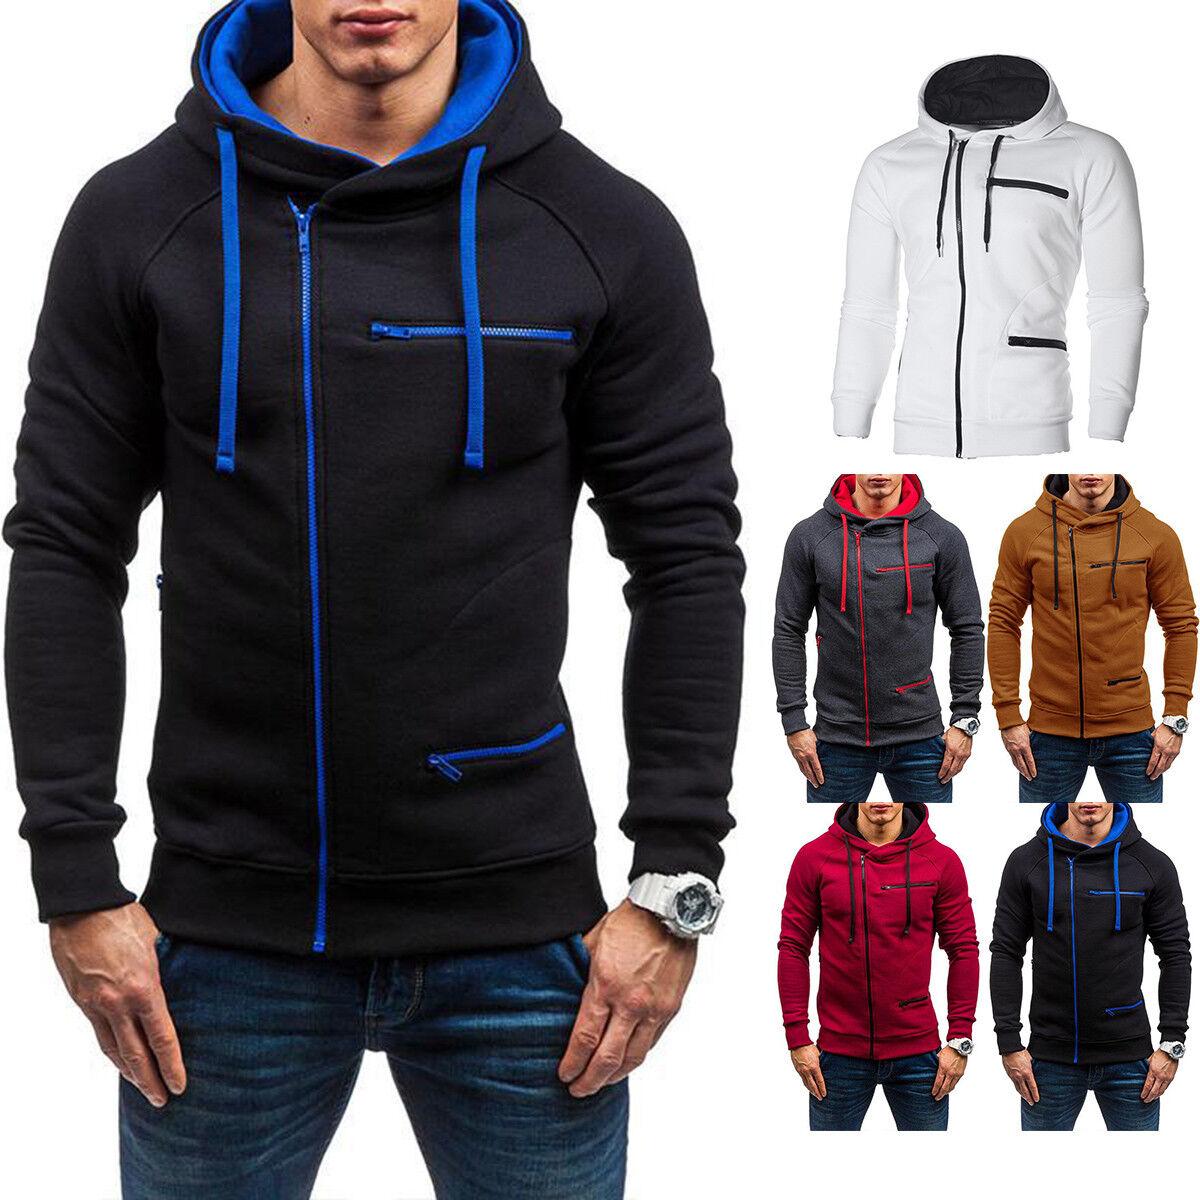 Férfi őszi téli kapucnis kapucnis pulóver kabát kabát Outwear Jumper Sweater 7449cba9d3